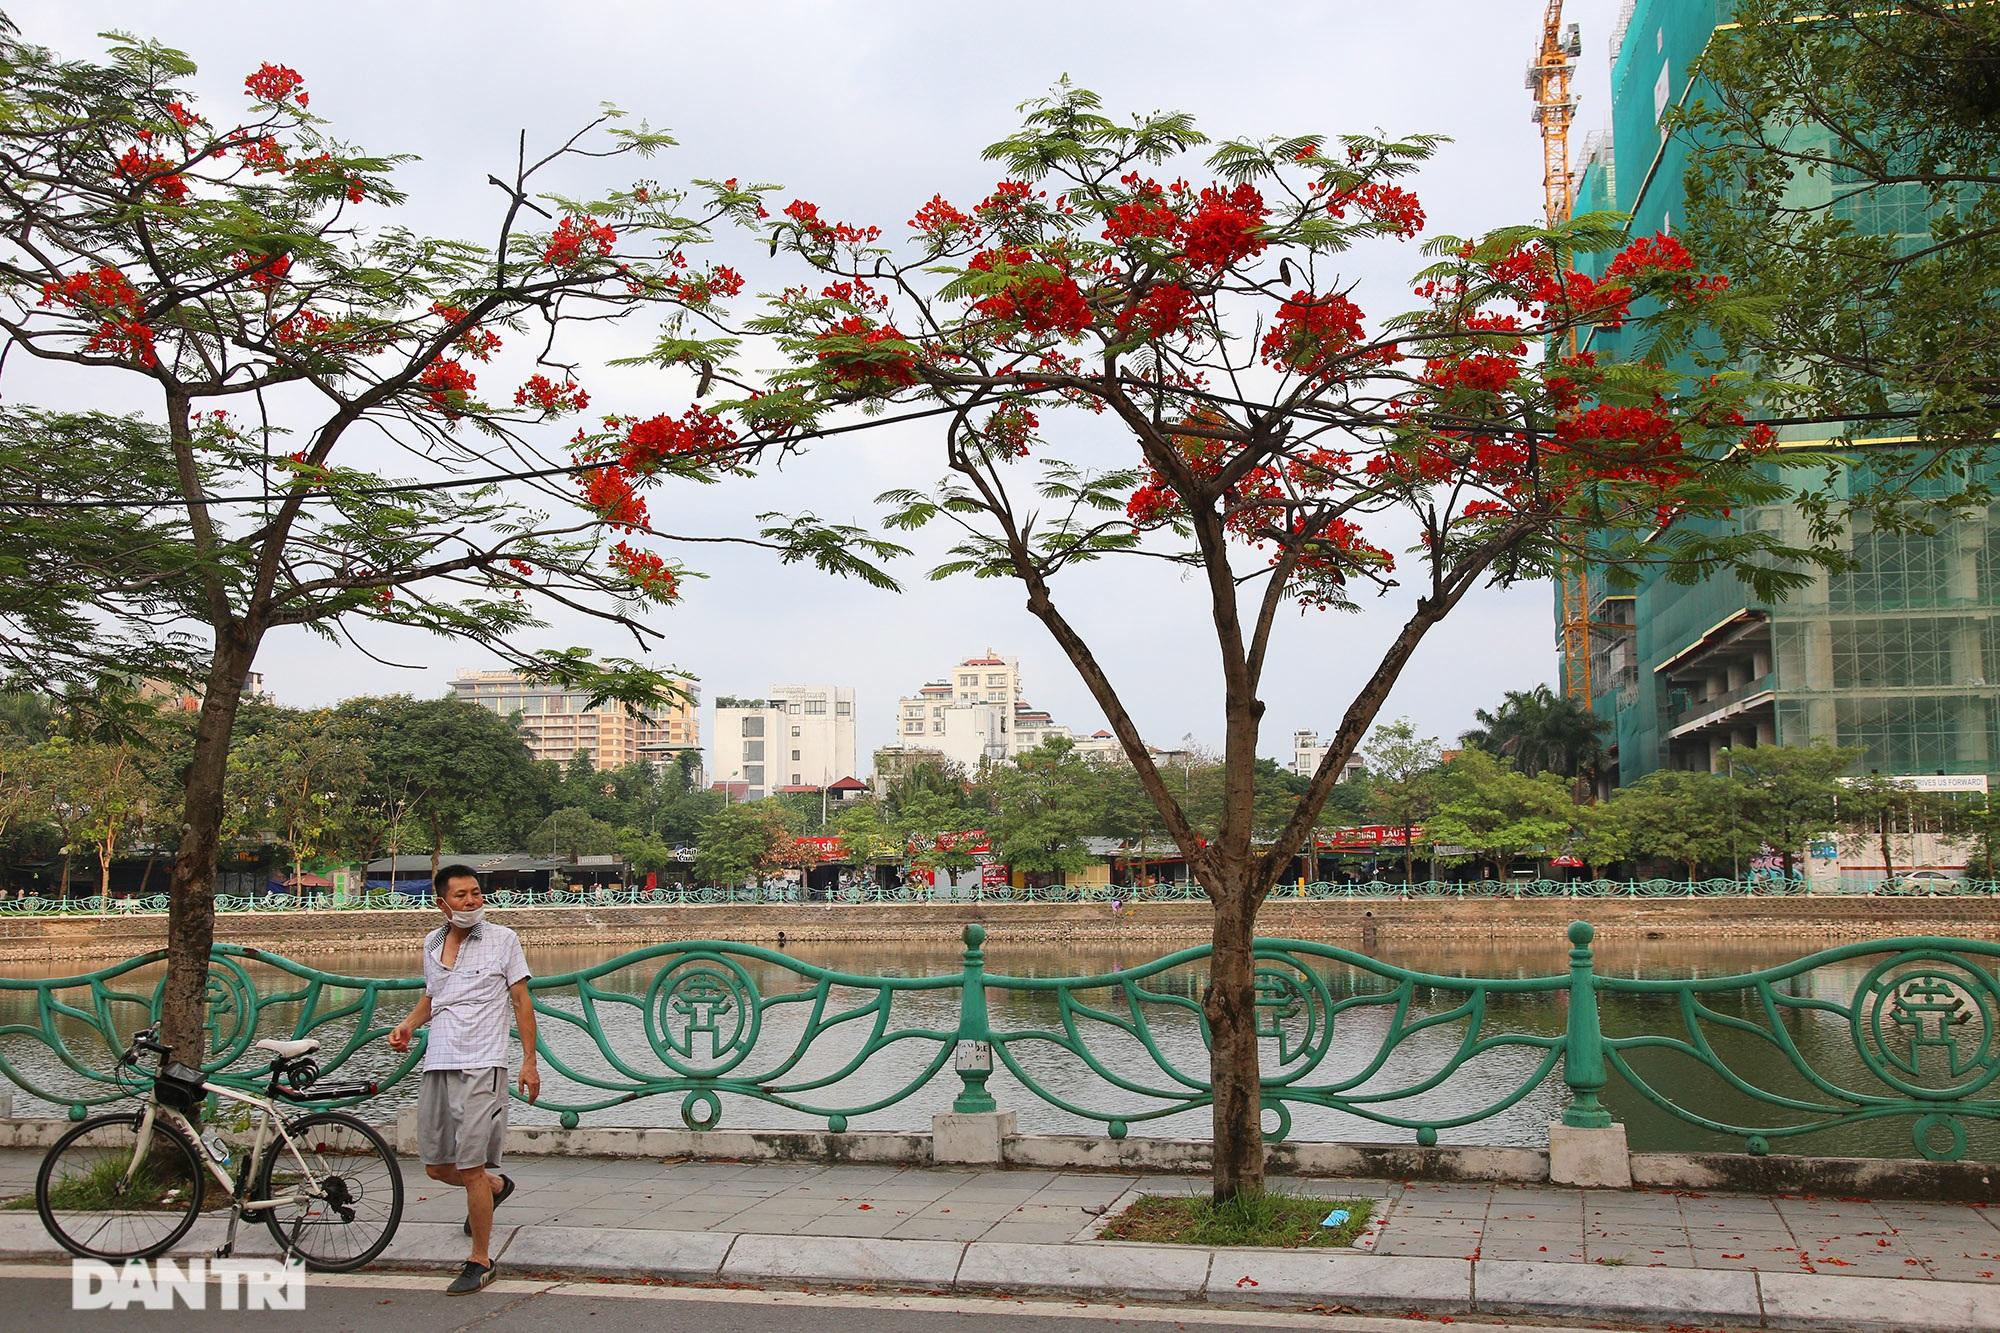 Mùa hoa phượng vĩ bắt đầu nở đẹp khắp phố phường Hà Nội - 7